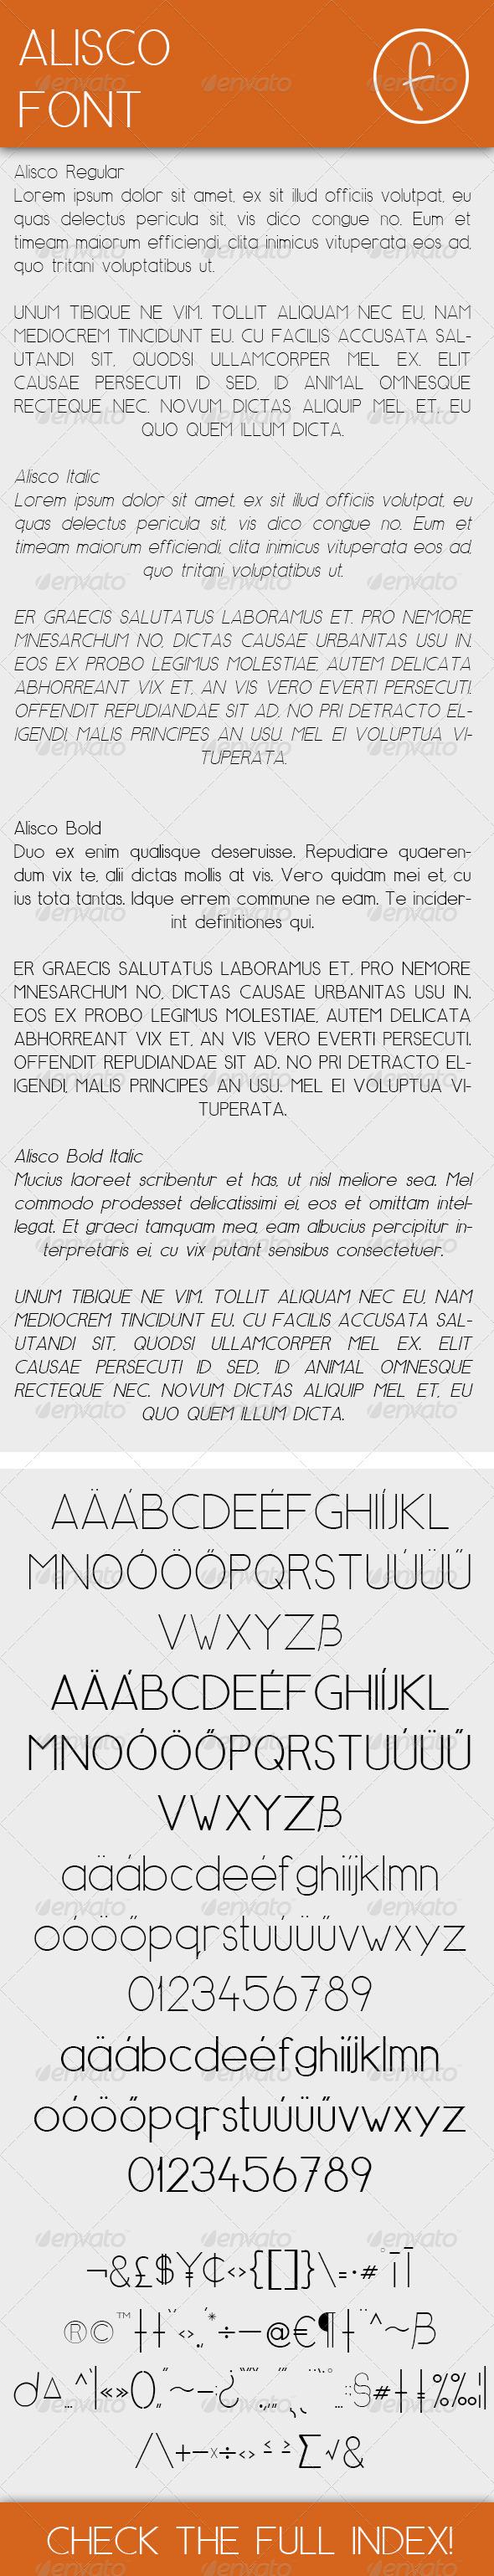 GraphicRiver Alisco Font 7677133